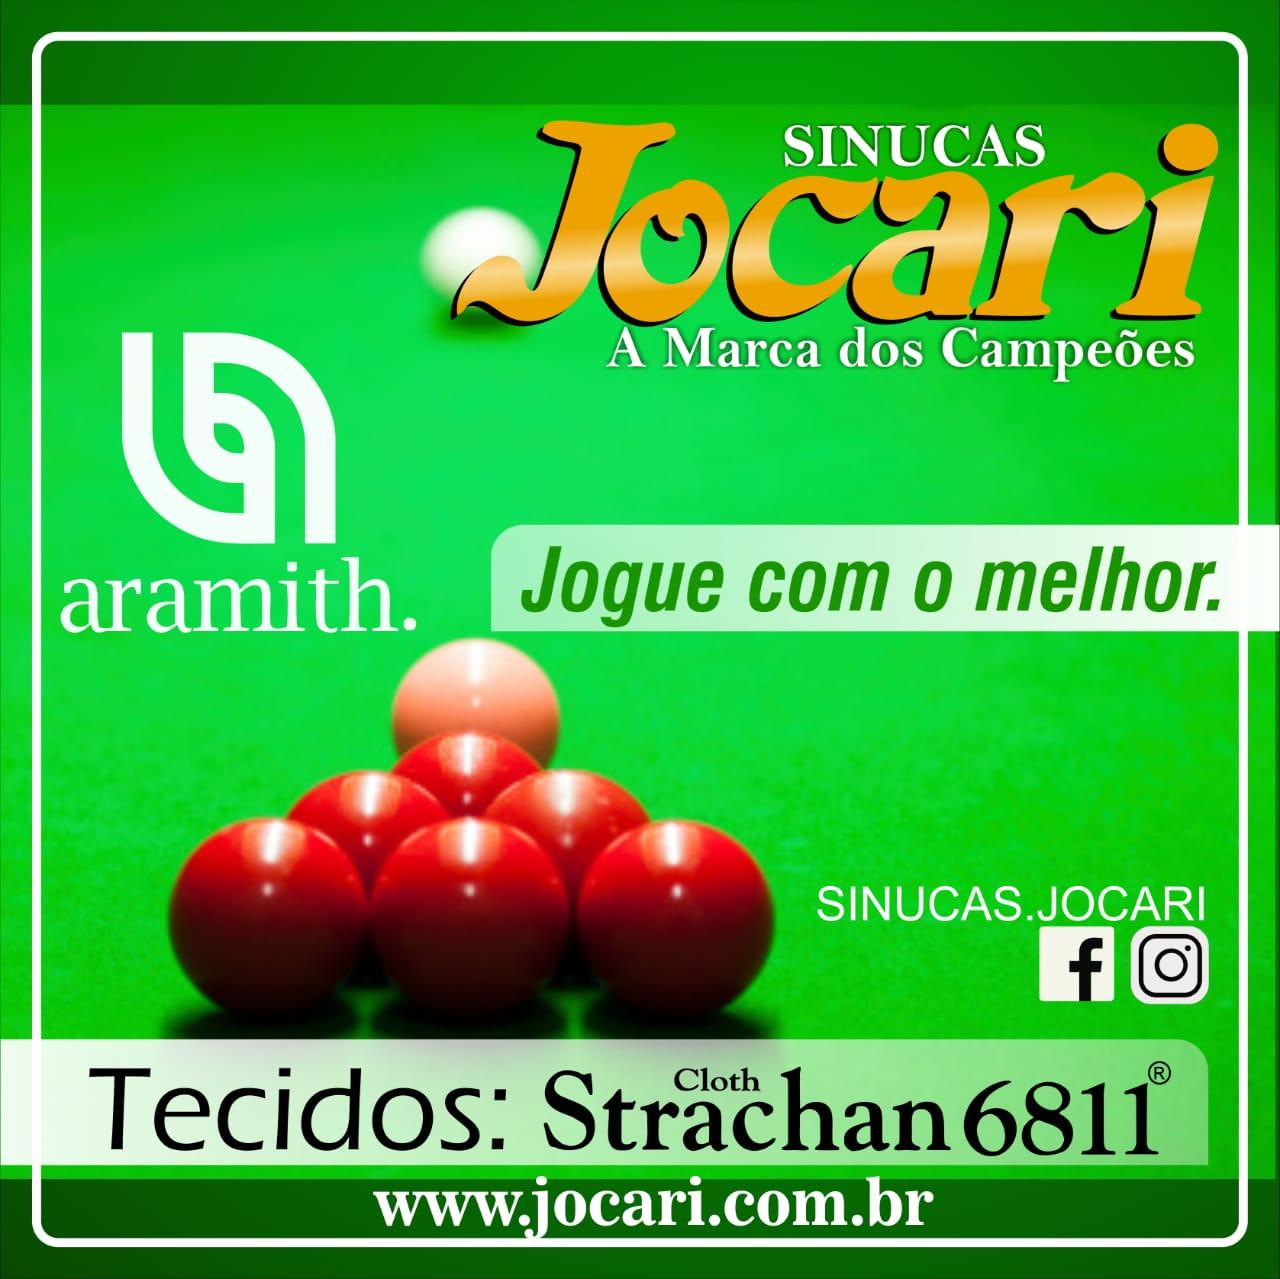 295c8813-f486-42e7-852d-bd64c0032a40